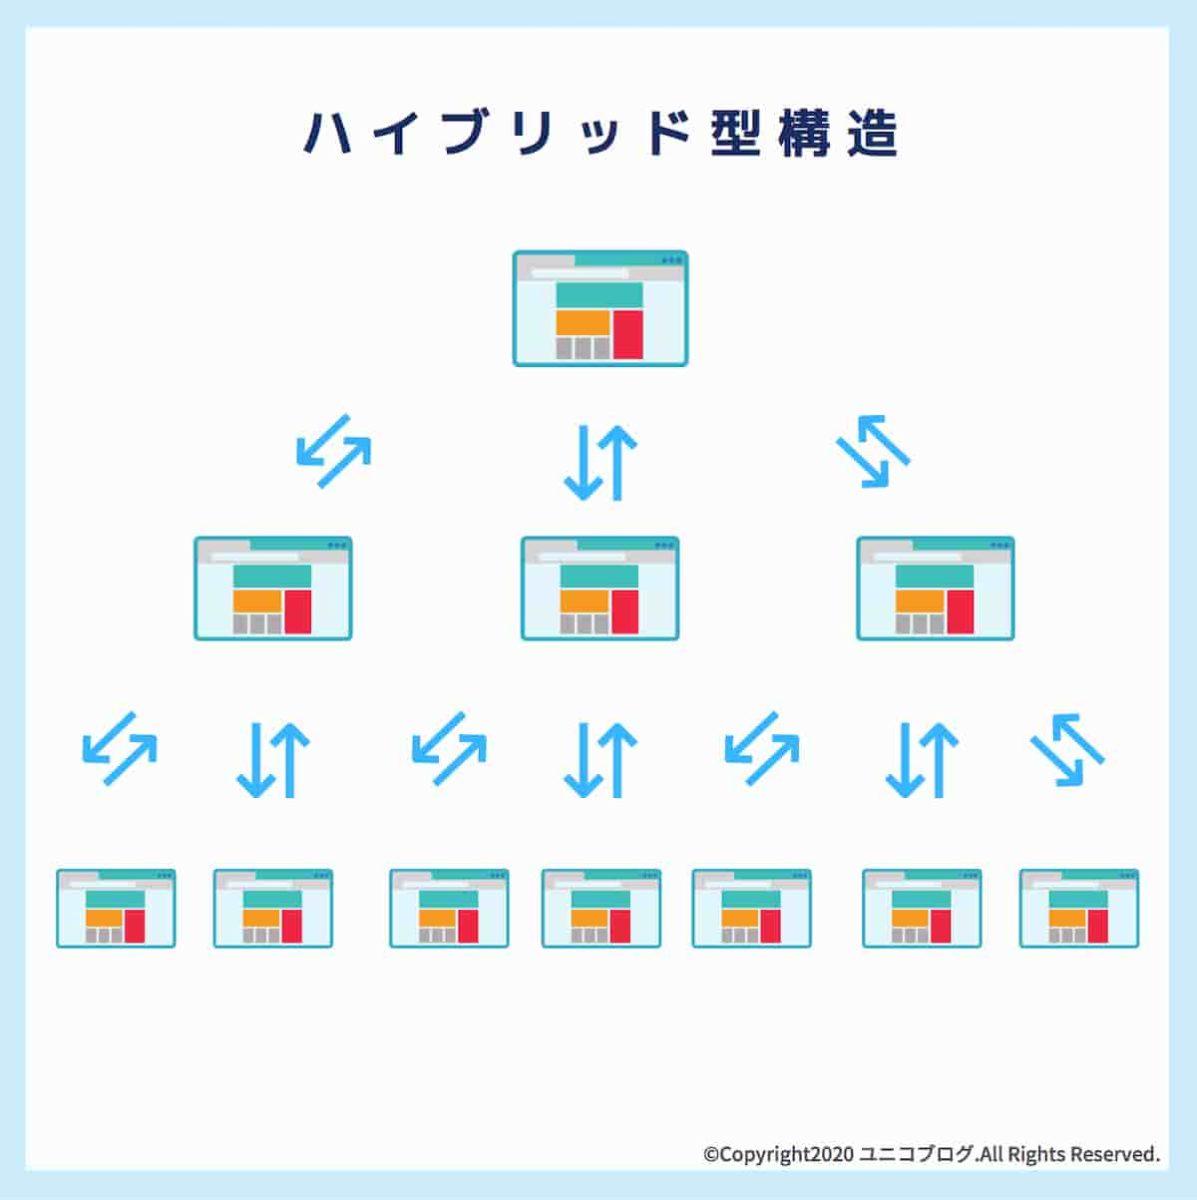 ハイブリッド型構造のWebサイトを説明した設計図面画像